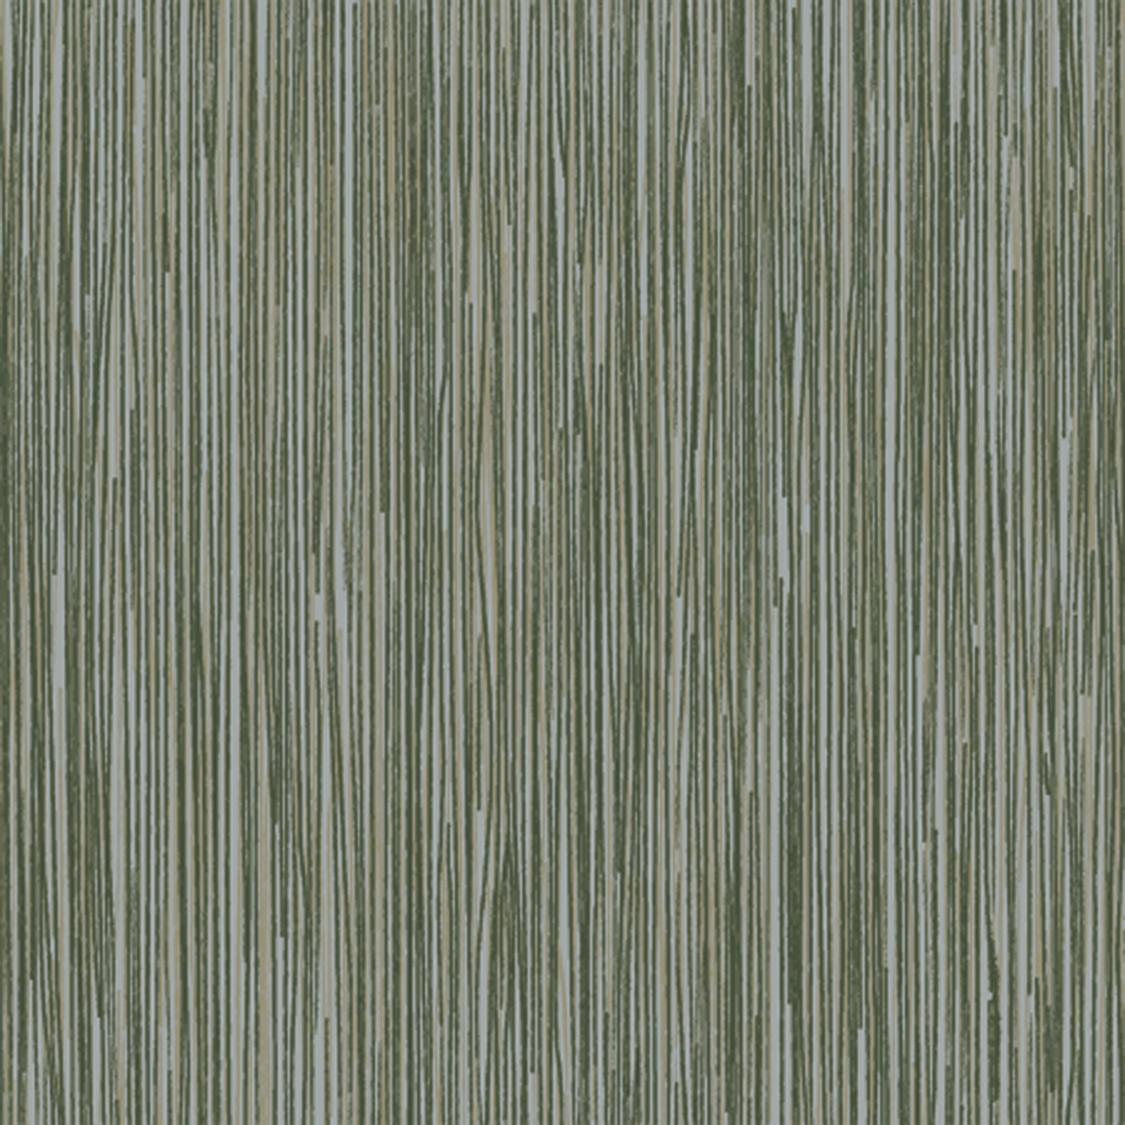 3030133-DGY